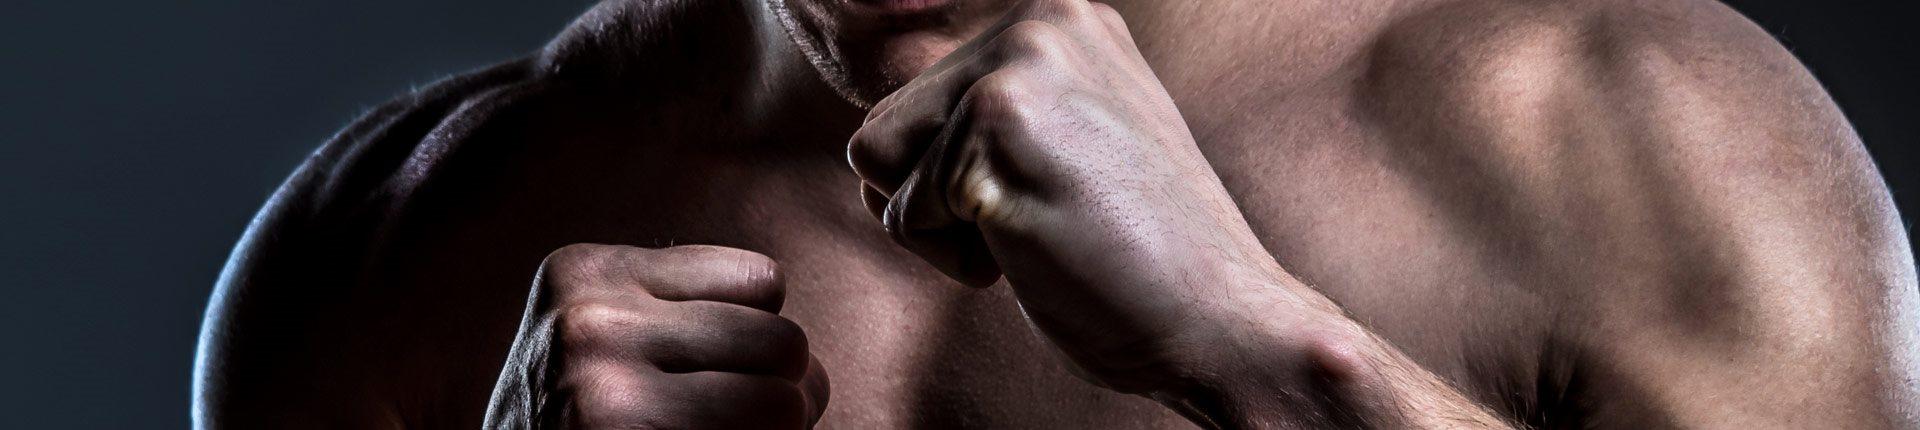 Żywienie w MMA i sportach walki to nie tylko węglowodany, kilka o białku itłuszczach